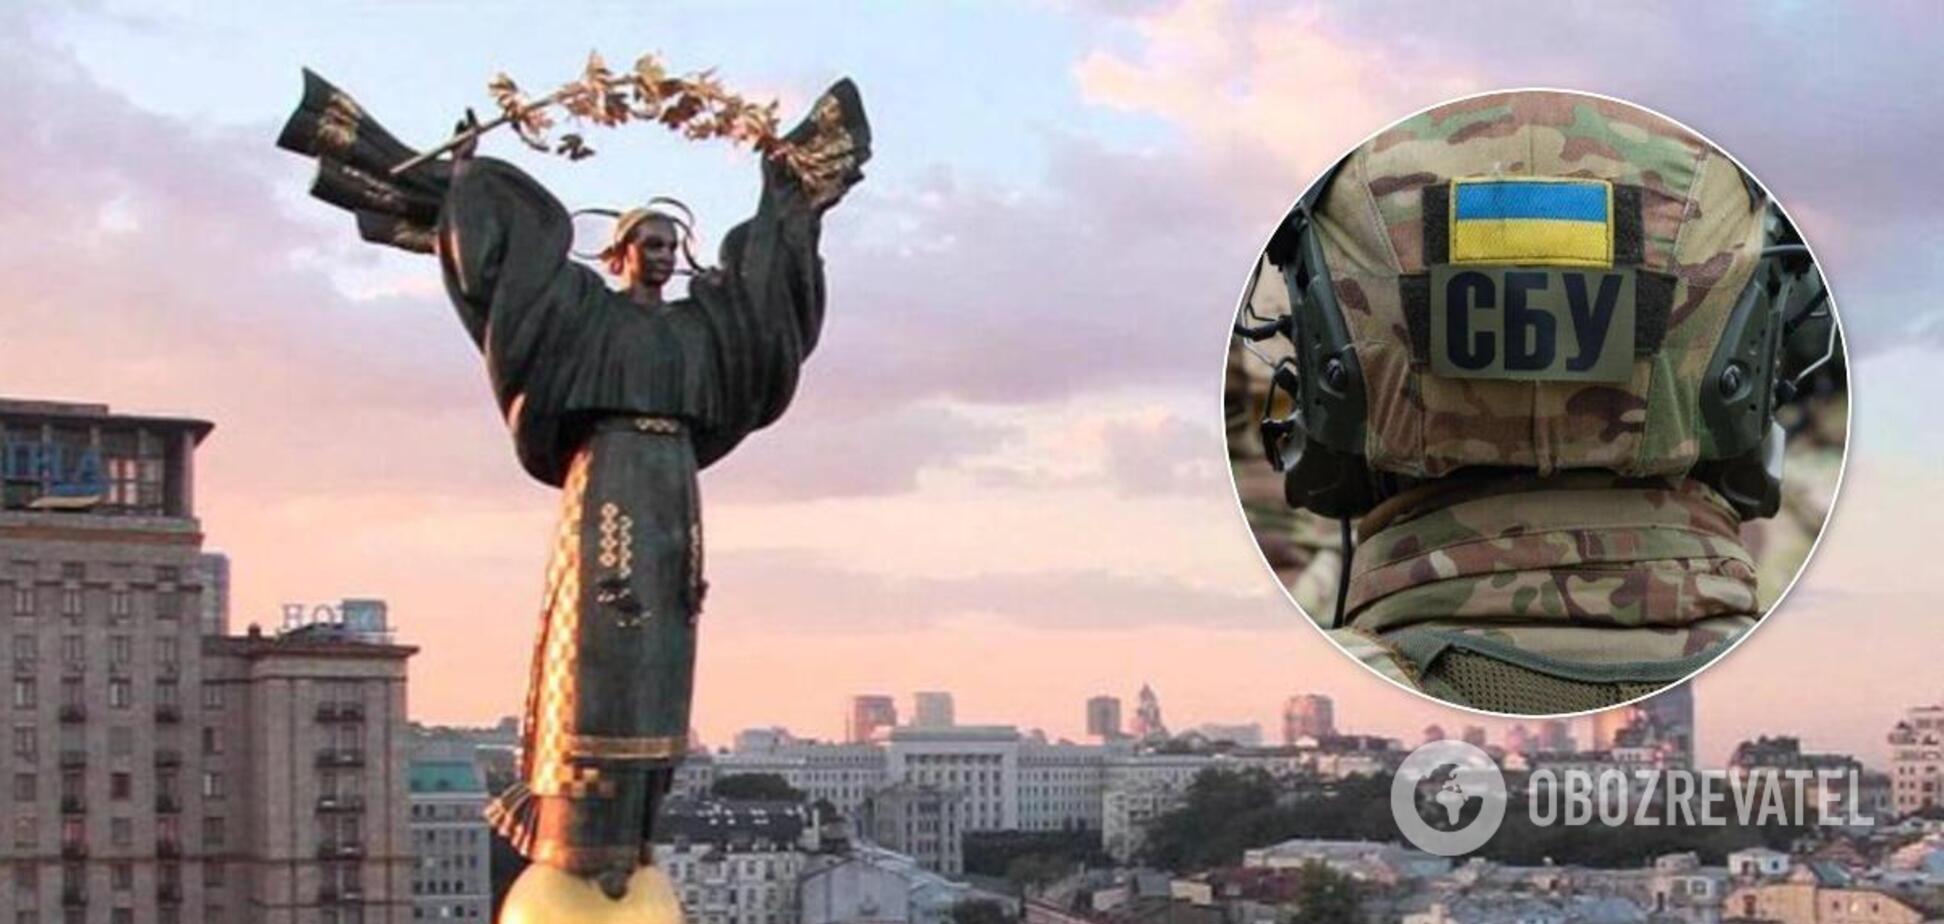 У Києві СБУ викрила проросійського інтернет-пропагандиста. Ілюстрація